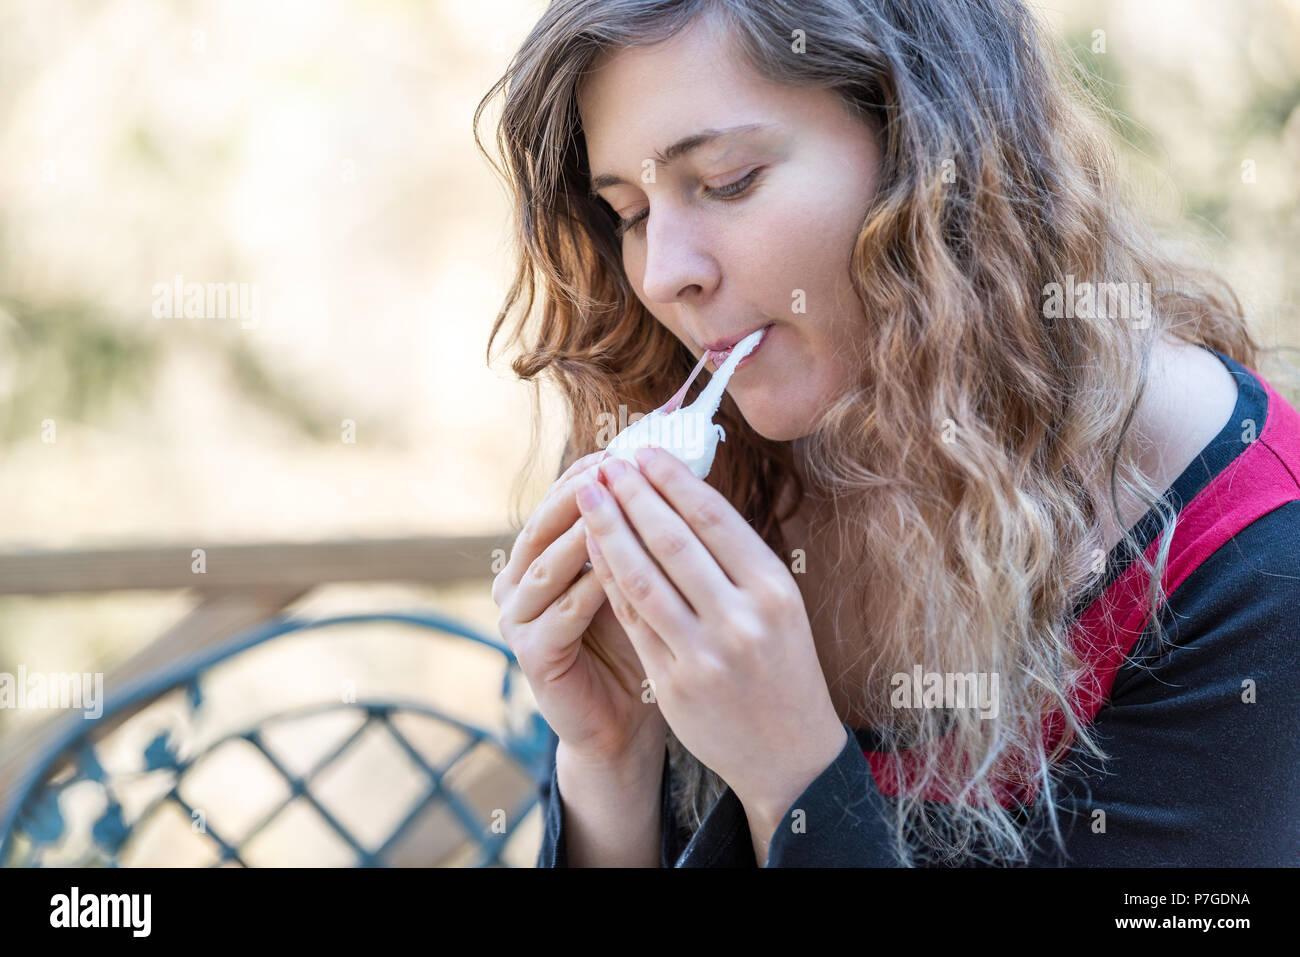 Junge Frau Sitzt Auf Einem Stuhl Holding Ein Stück Hausgemachten